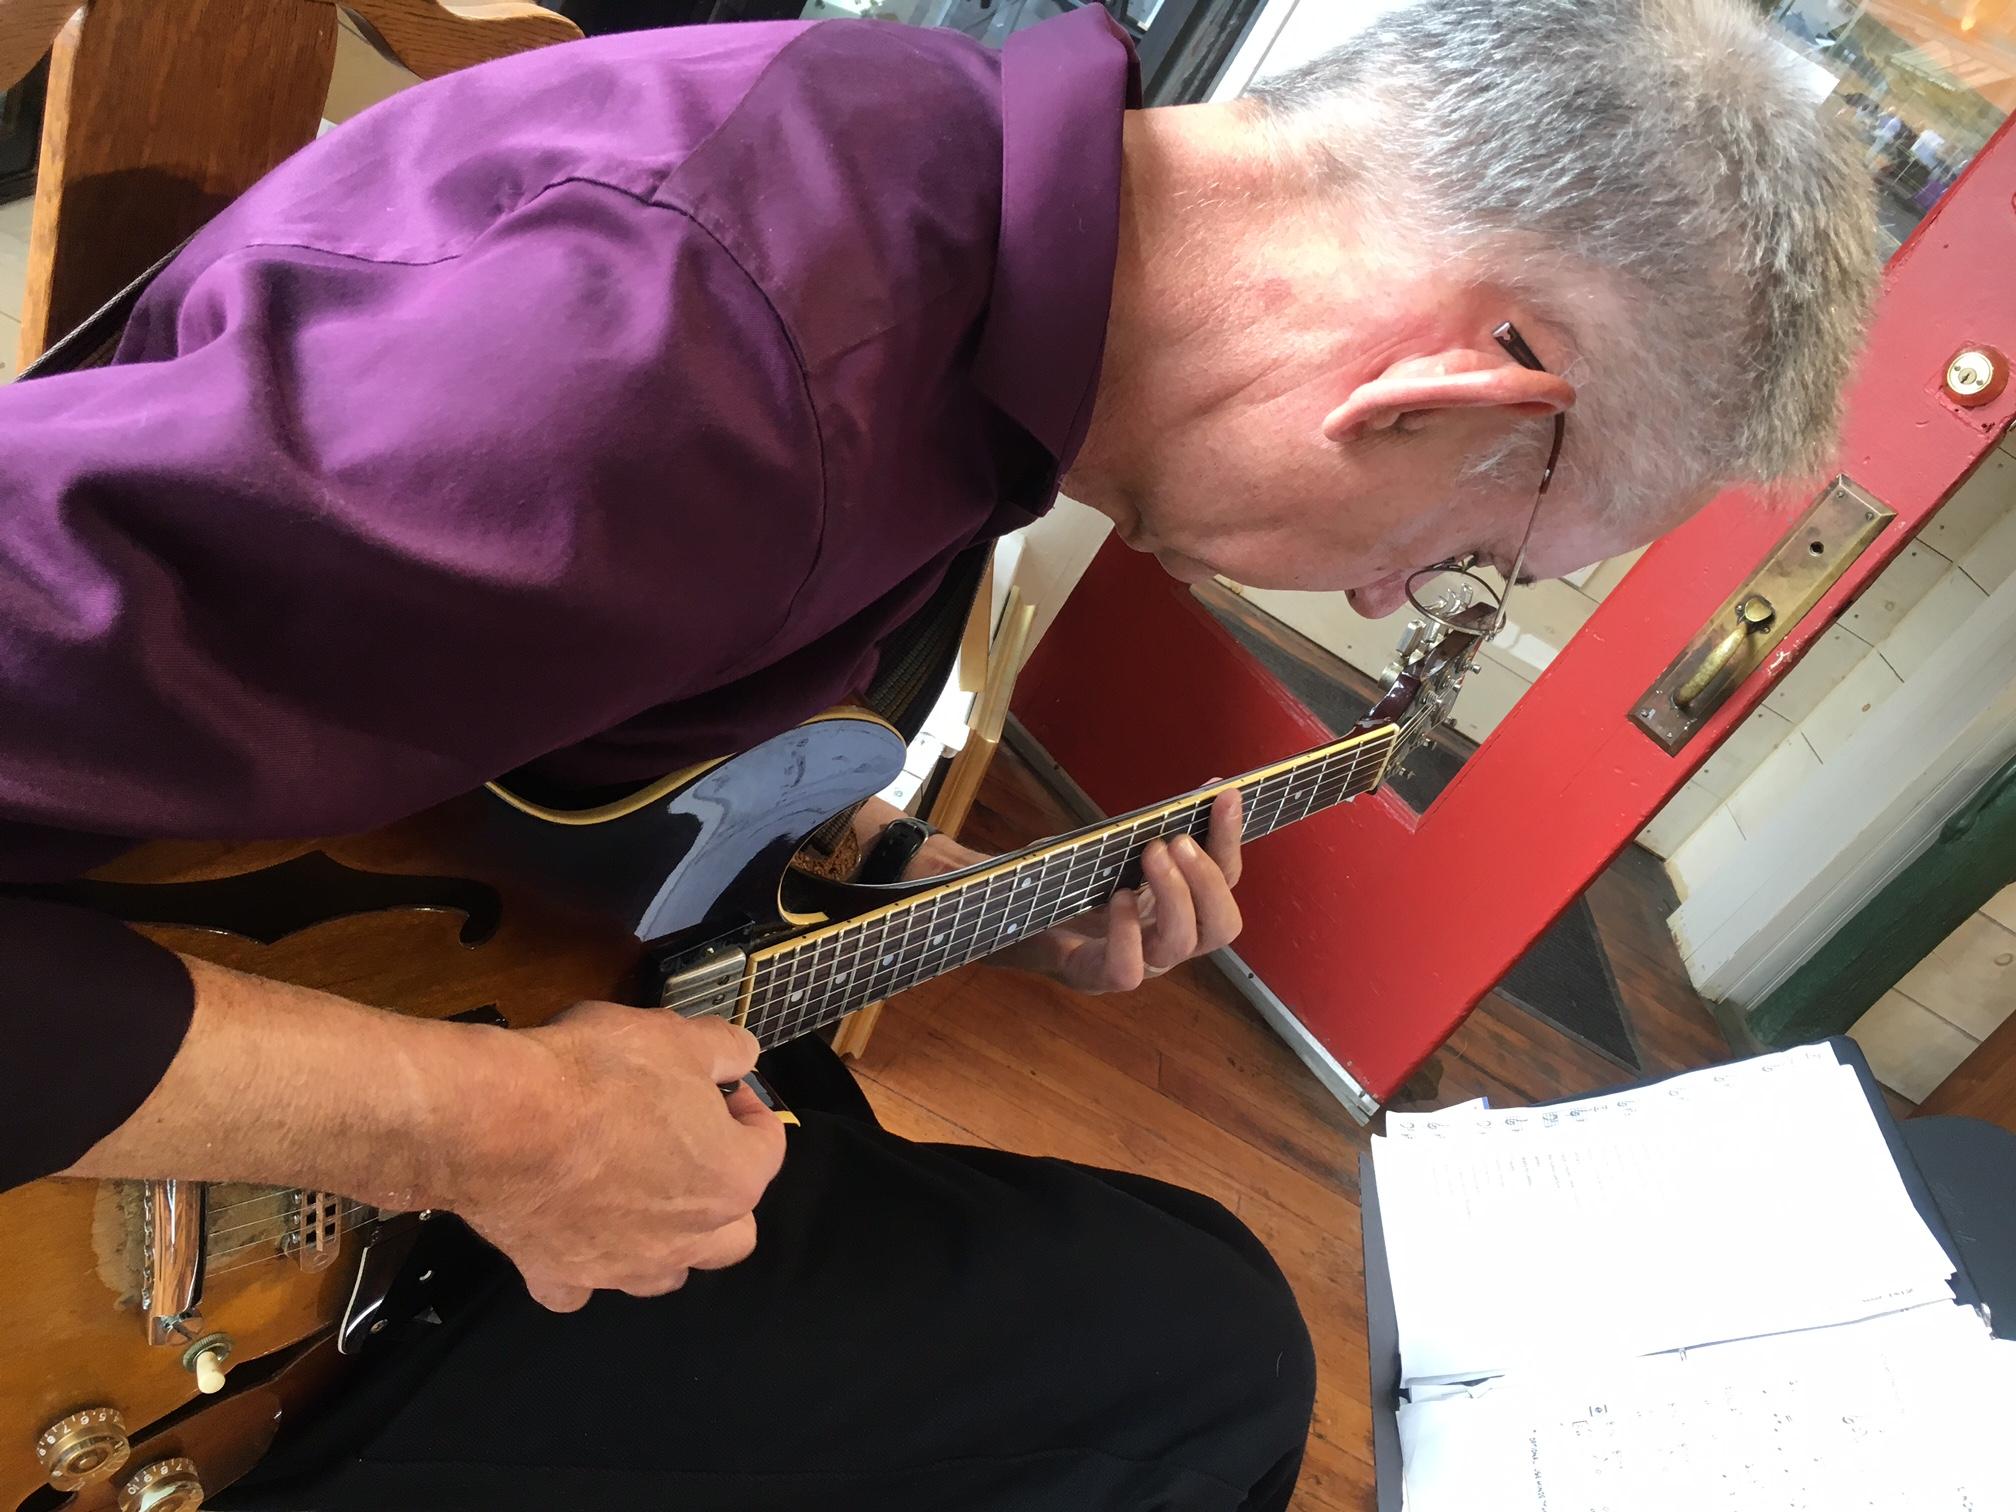 David Lawlor plays jazz guitar in Sylvan Gallery